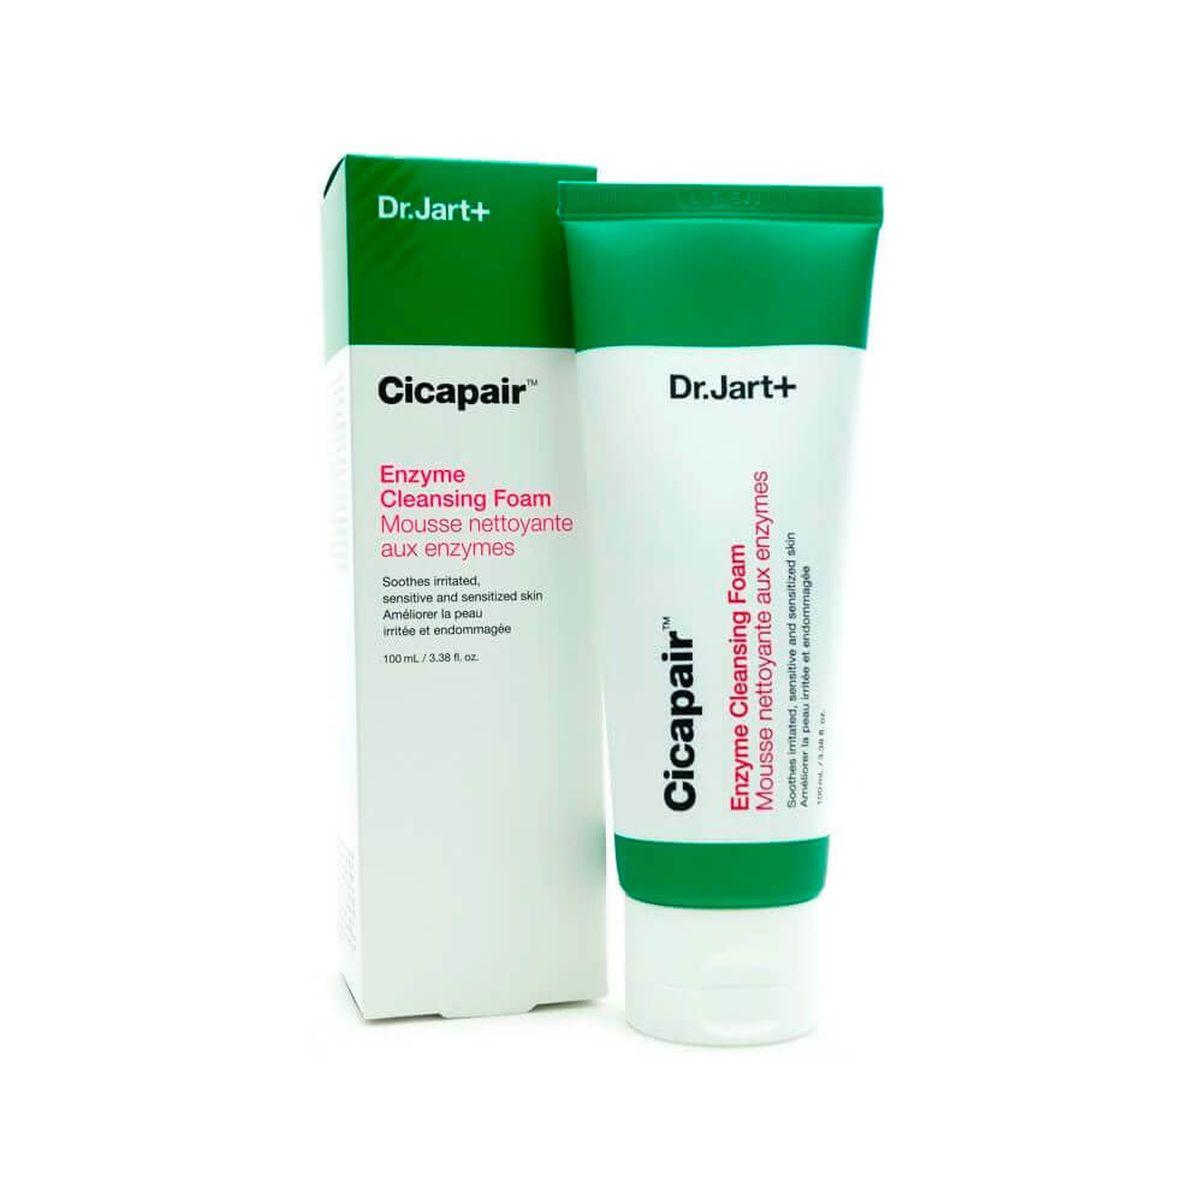 Энзимная пенка для умывания Dr.Jart+ Cicapair Enzyme Cleansing Foam - 100 мл